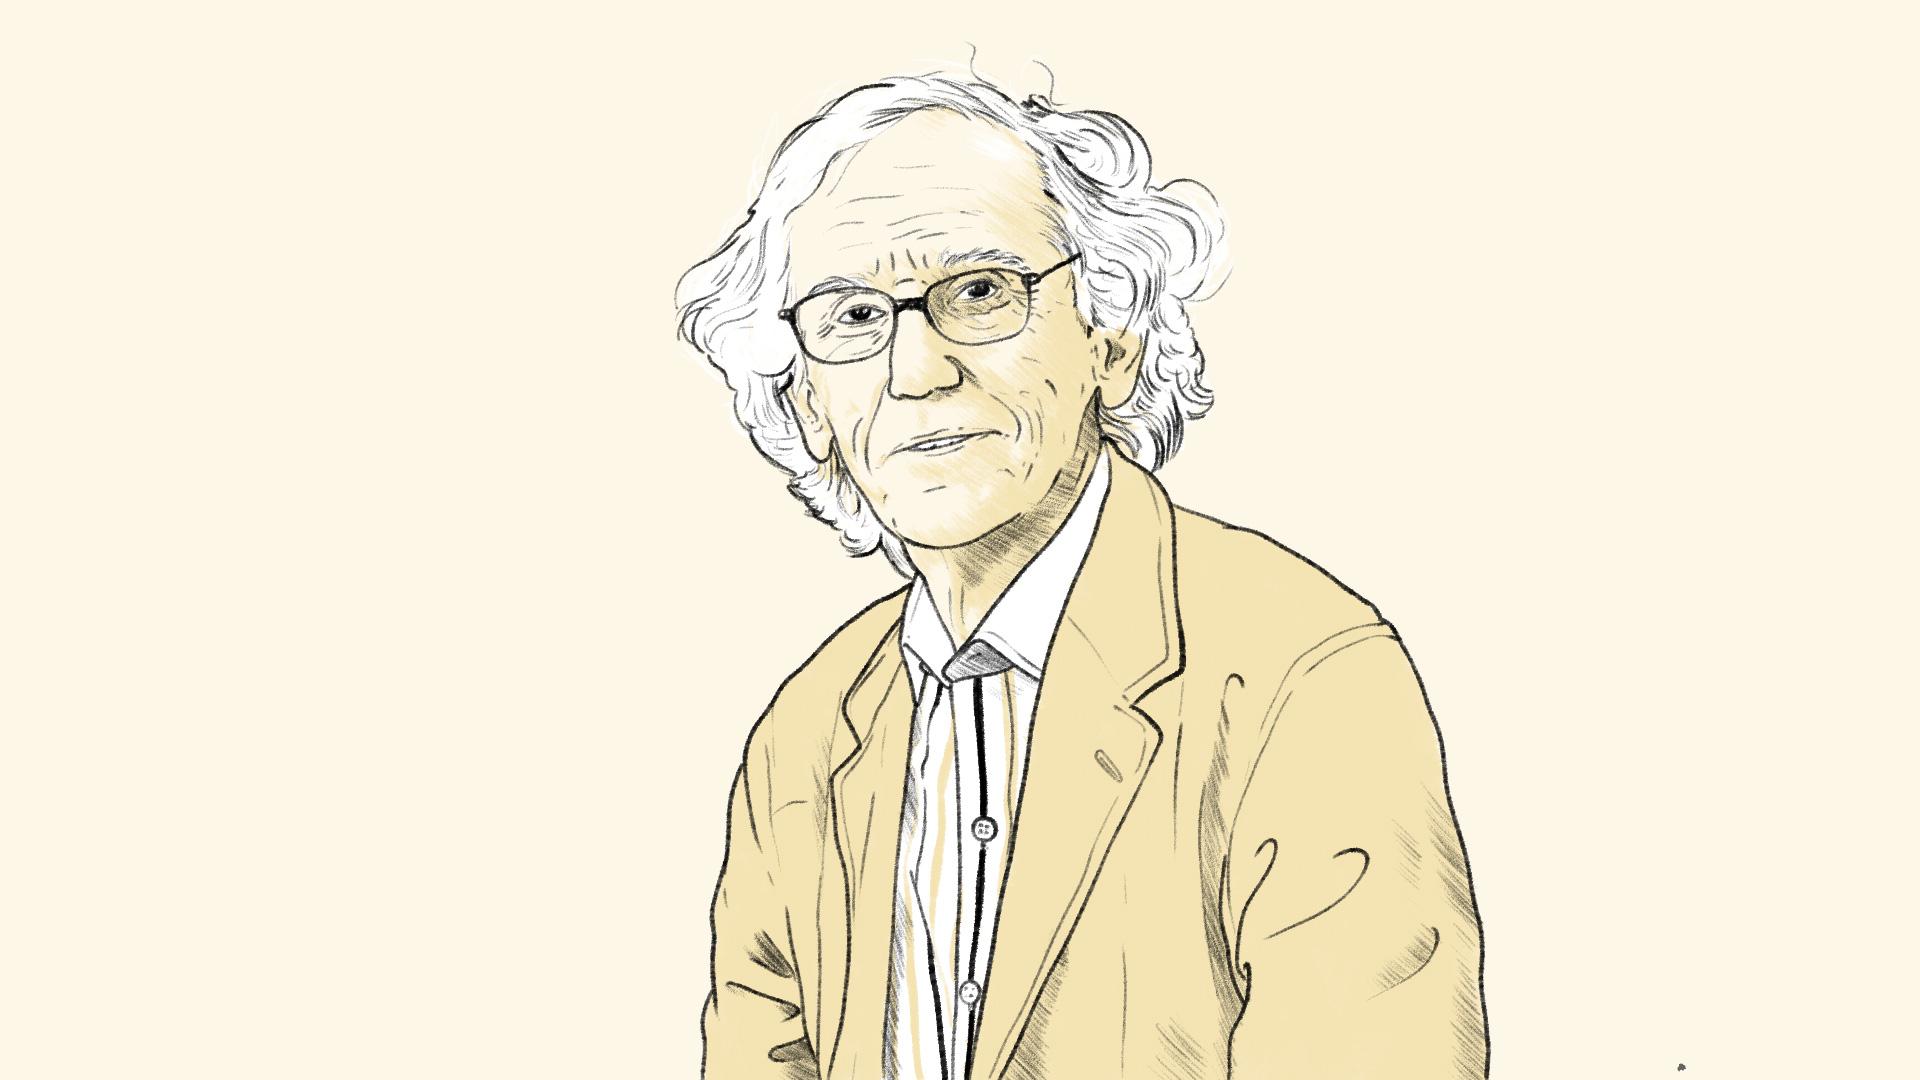 Muere el artista plástico Christo, a los 84 años